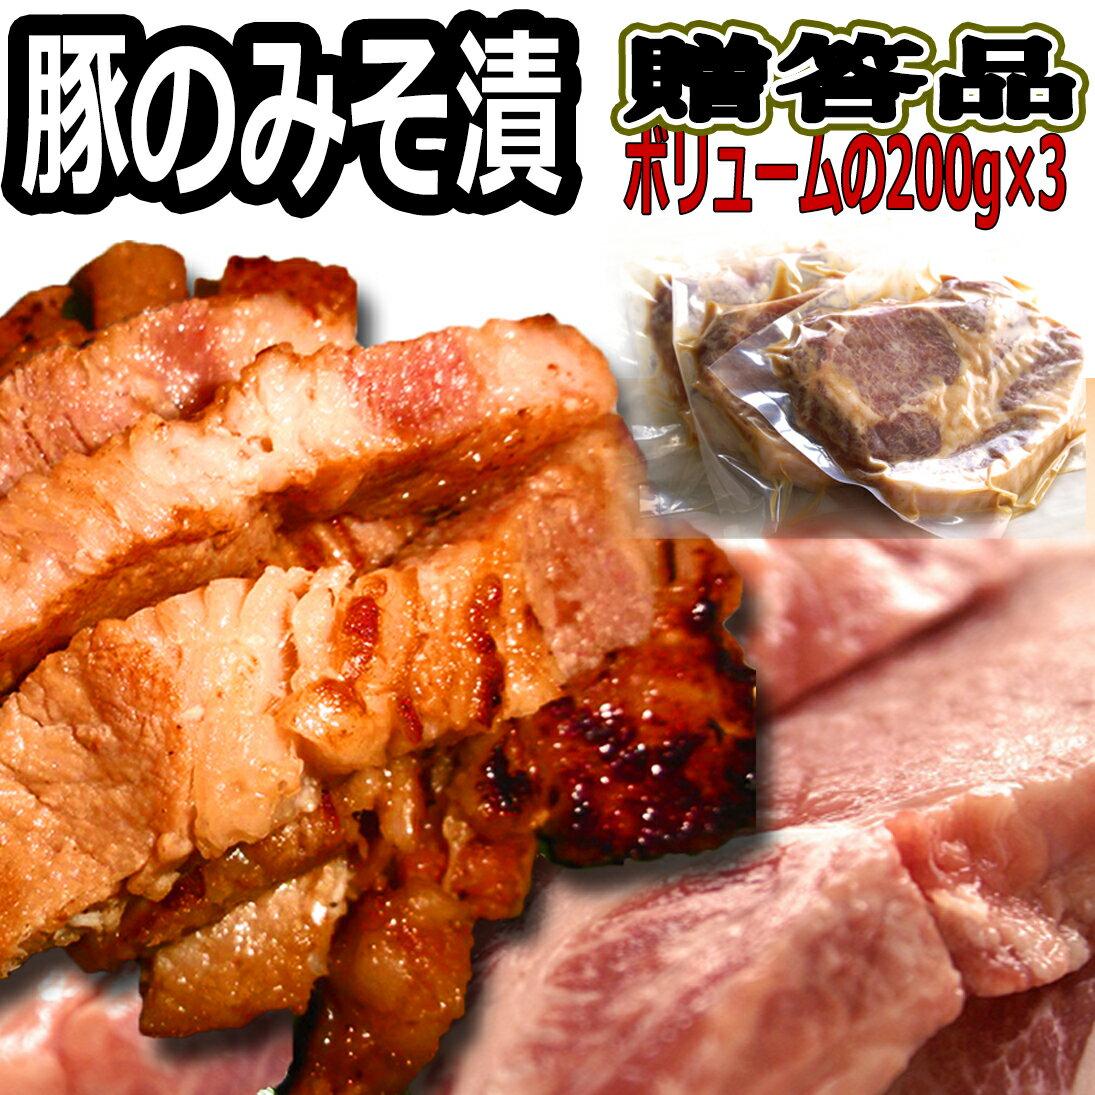 豚の味噌漬け お歳暮 やきとん 豚味噌漬けギフト【贈答品/贈り物】豚のみそ漬 200g真空パック 3枚入り